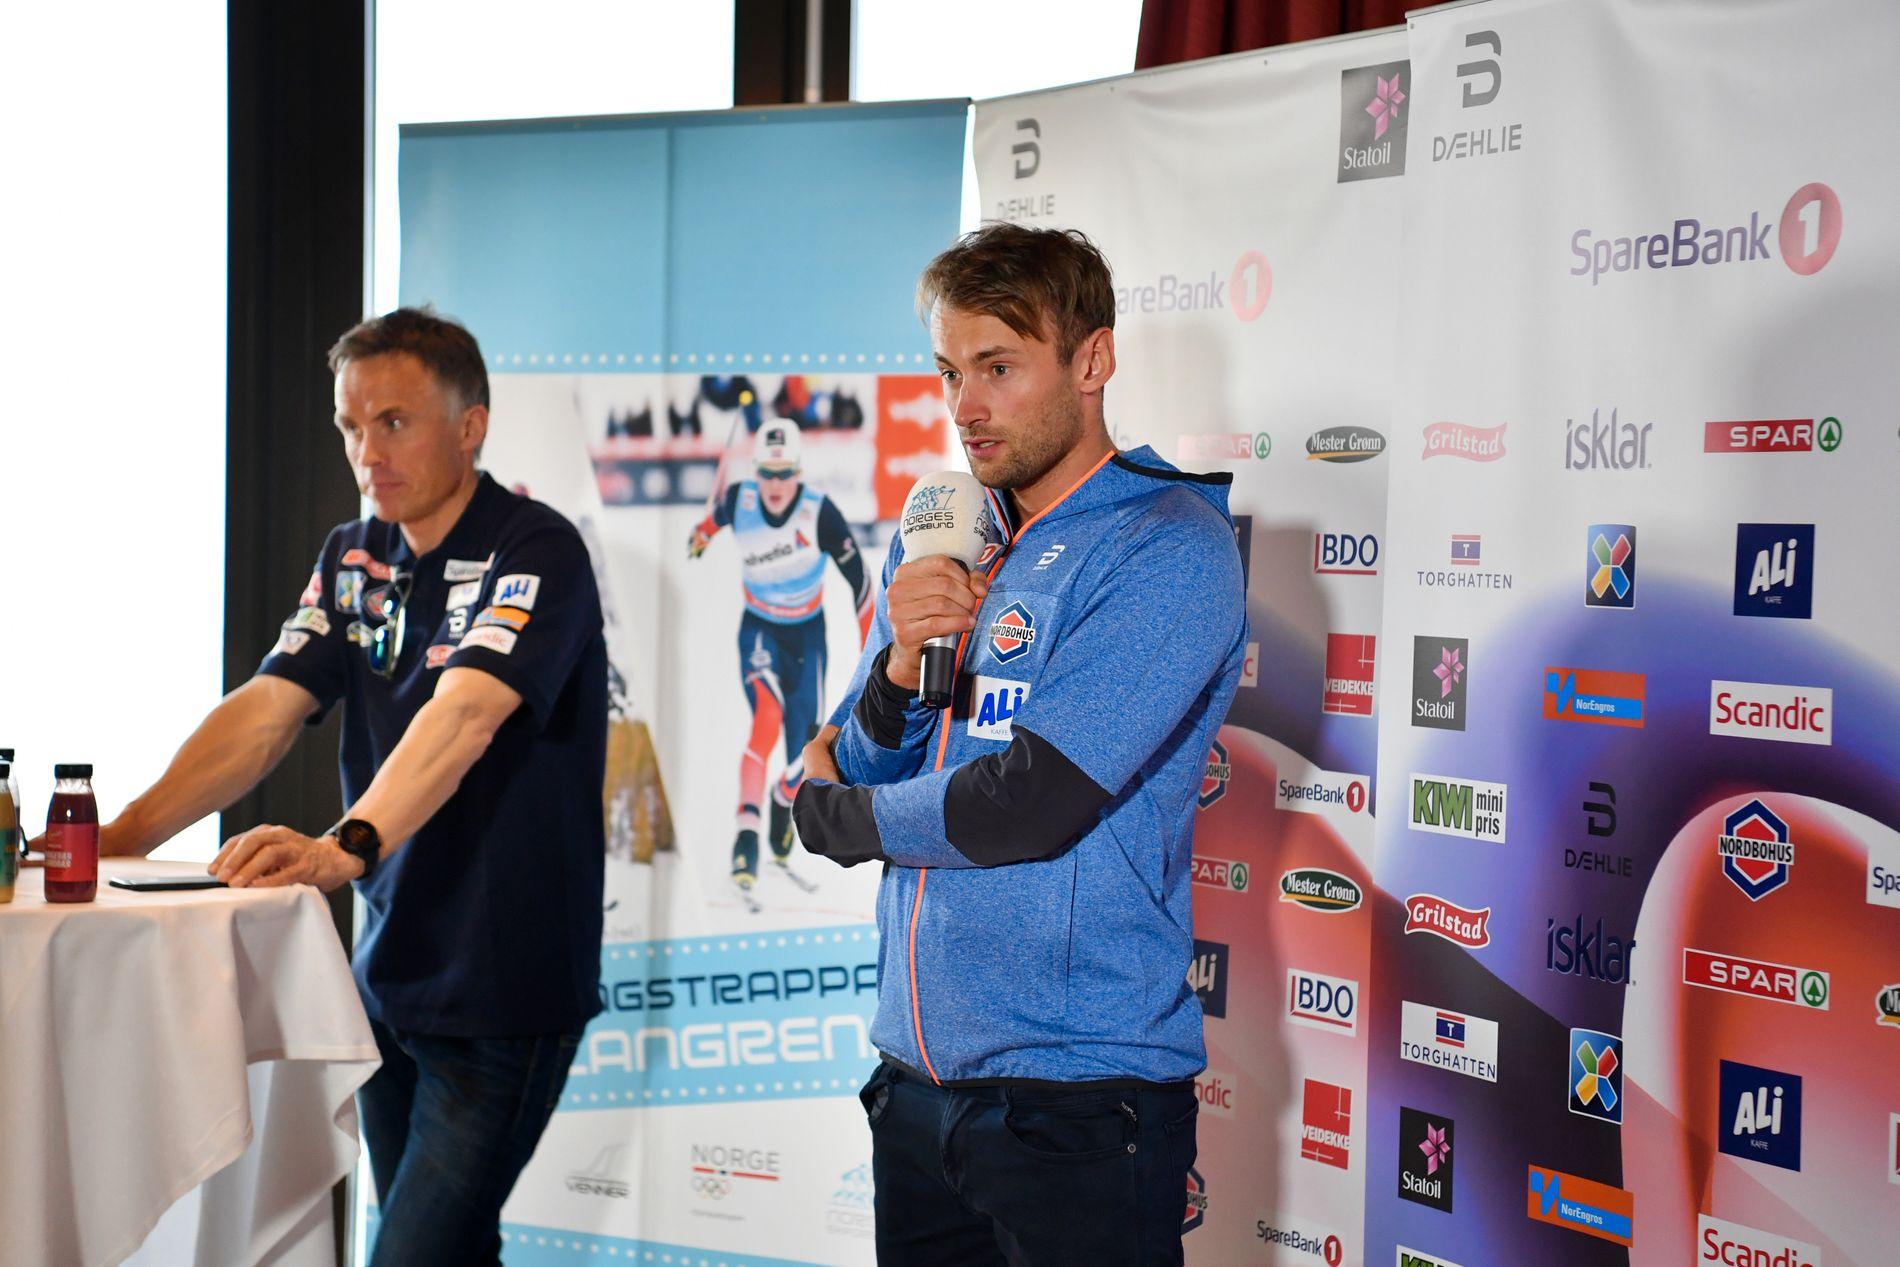 Landslagssjef Vidar Løfshus til venstre, sammen med Petter Northug, her fra presentasjonen av landslagene på Holmenkollen i april i år.